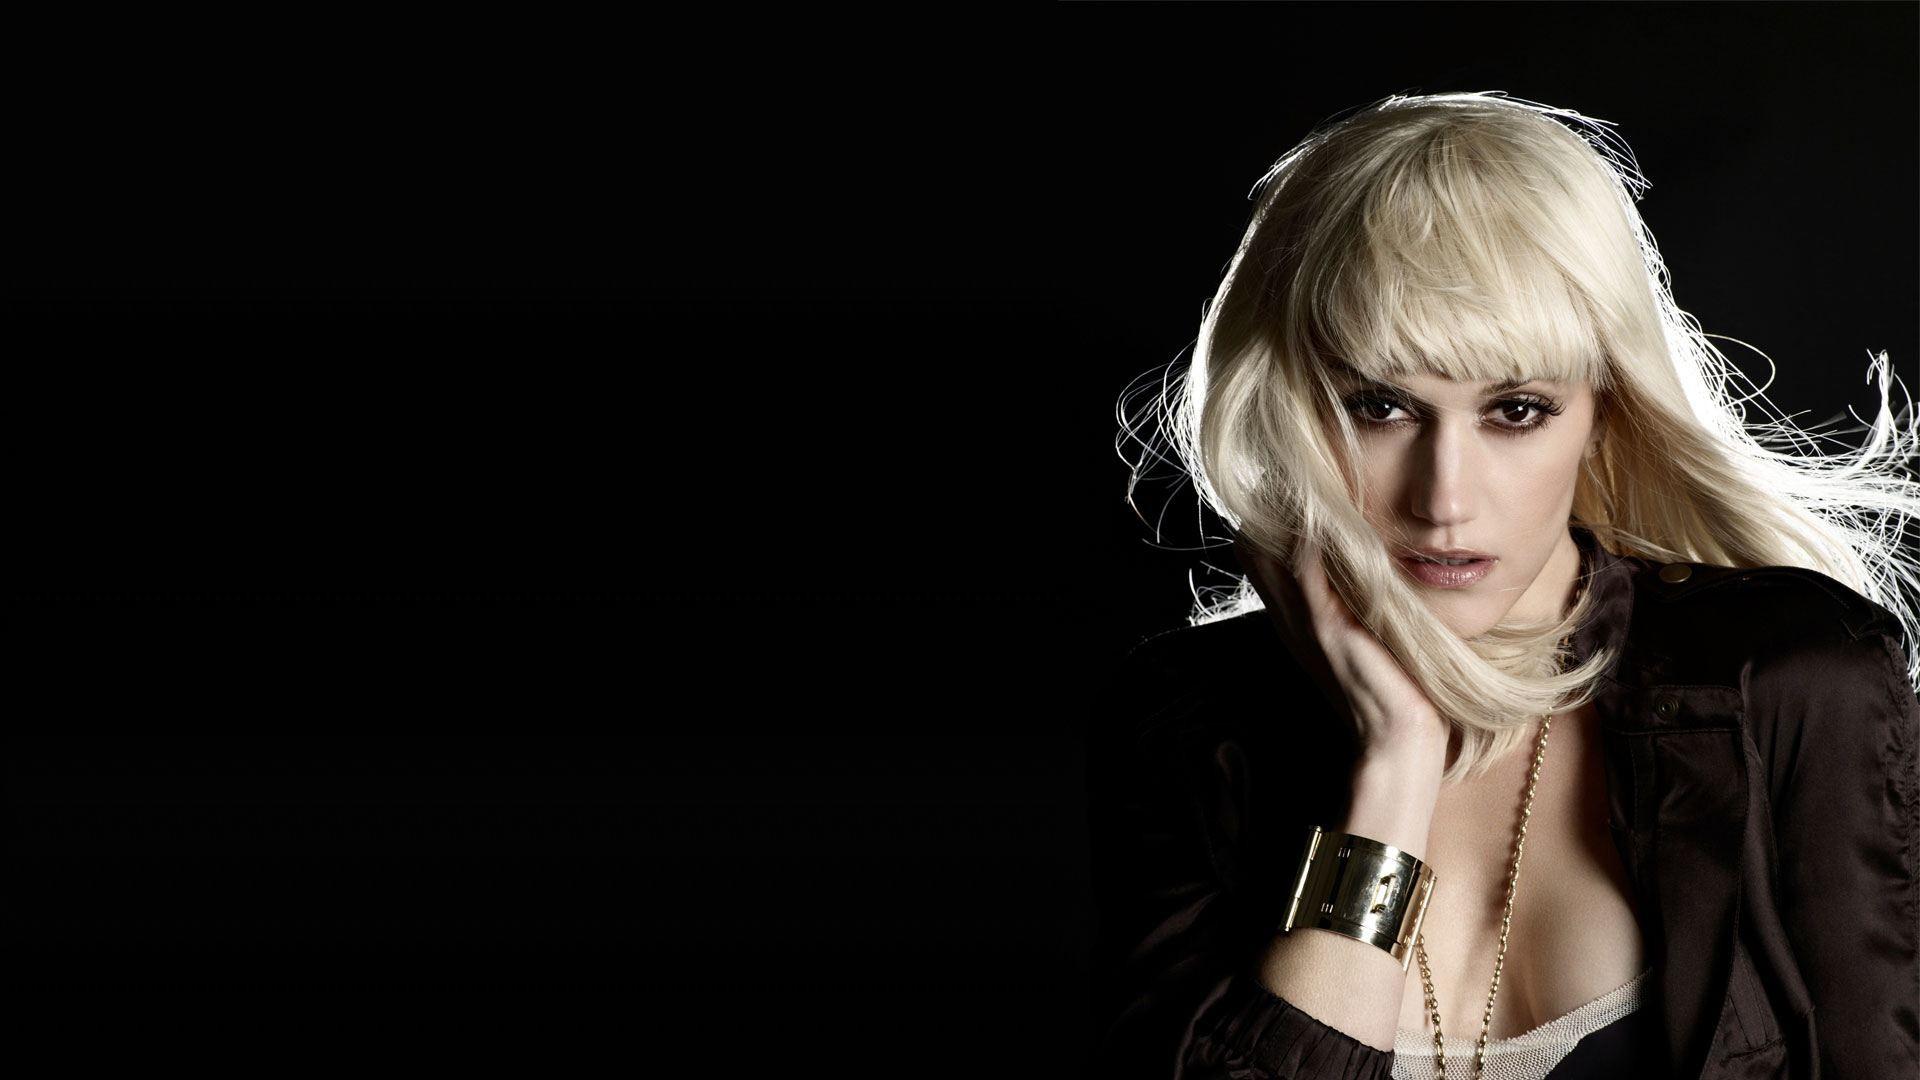 Gwen Stefani background